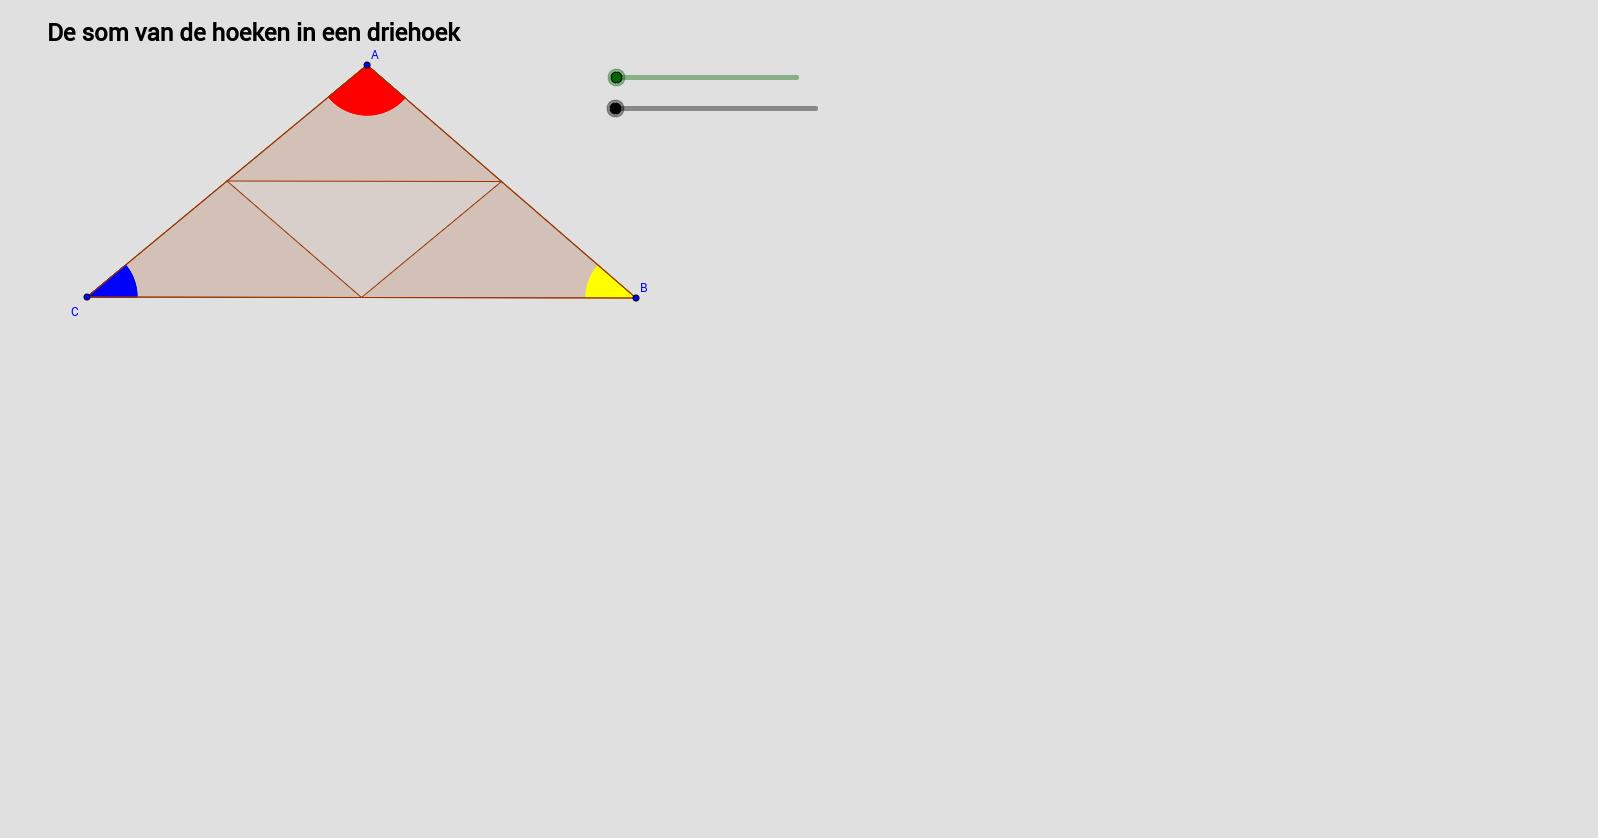 De som van de hoeken in een driehoek